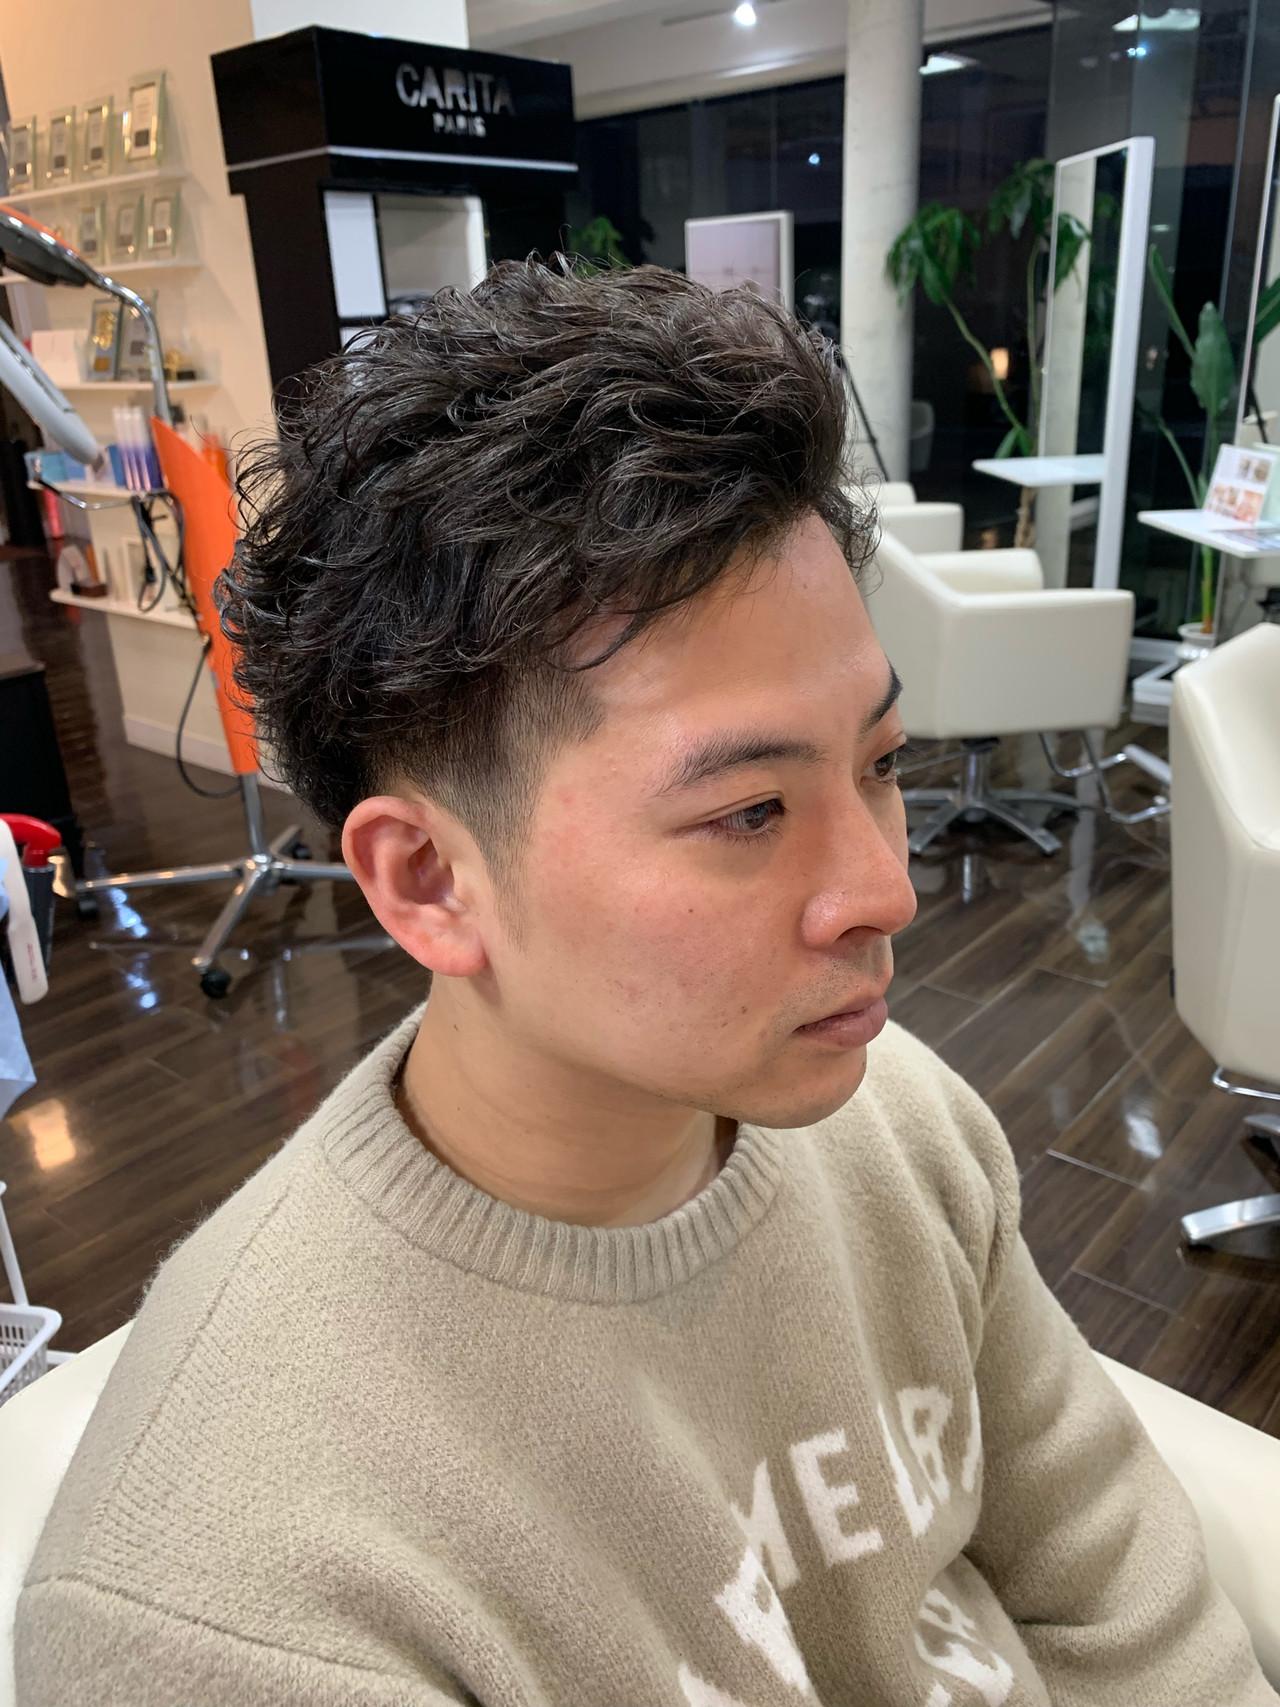 メンズカット メンズヘア ショート メンズショート ヘアスタイルや髪型の写真・画像 | ゴトウタカヒロ / la★muse resort